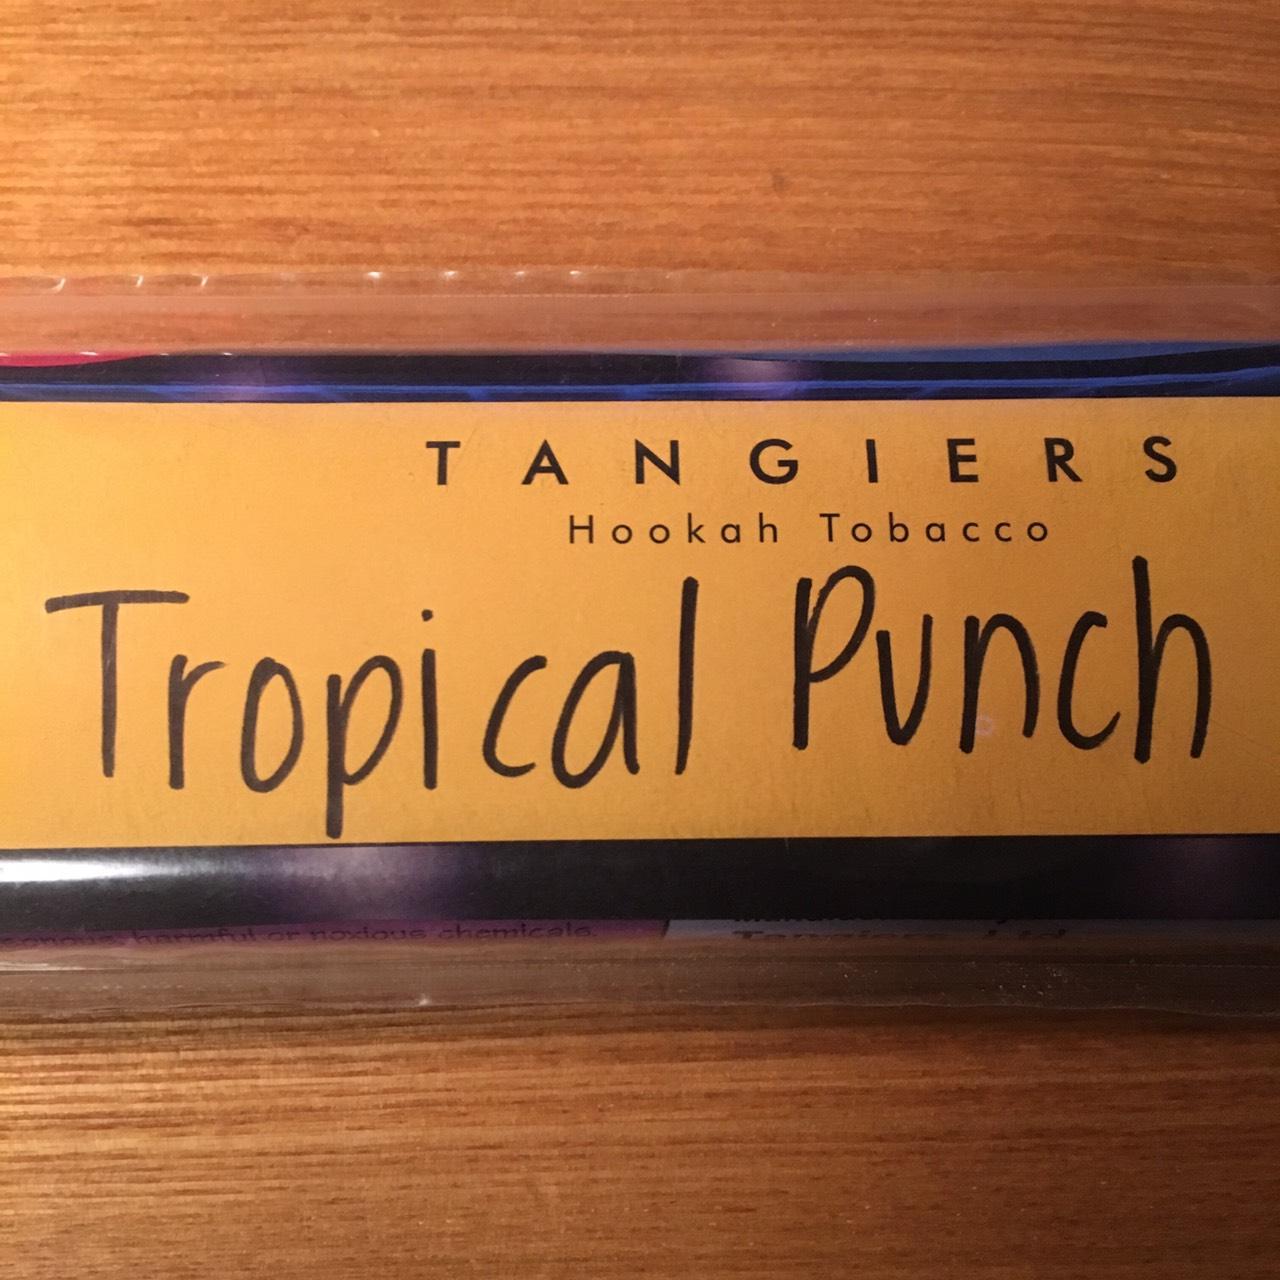 Tangiers Noir / Tropical Punch(やや酸味のあるケミカルなCherry系がメイン)